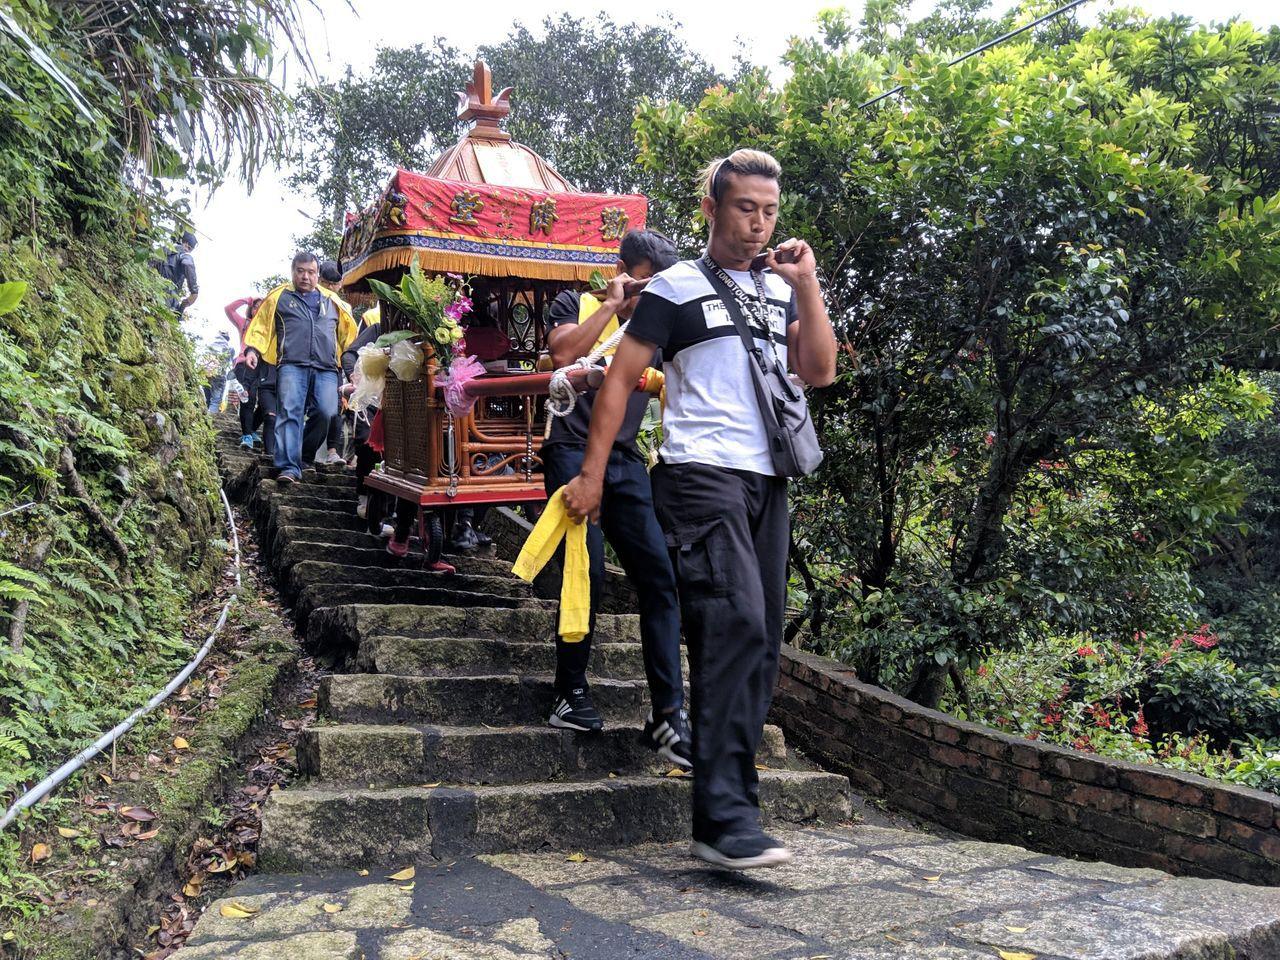 金瓜石是山區,「金瓜石迎媽祖」鑾轎會經過上上下下階梯。圖/新北市立黃金博物館提供